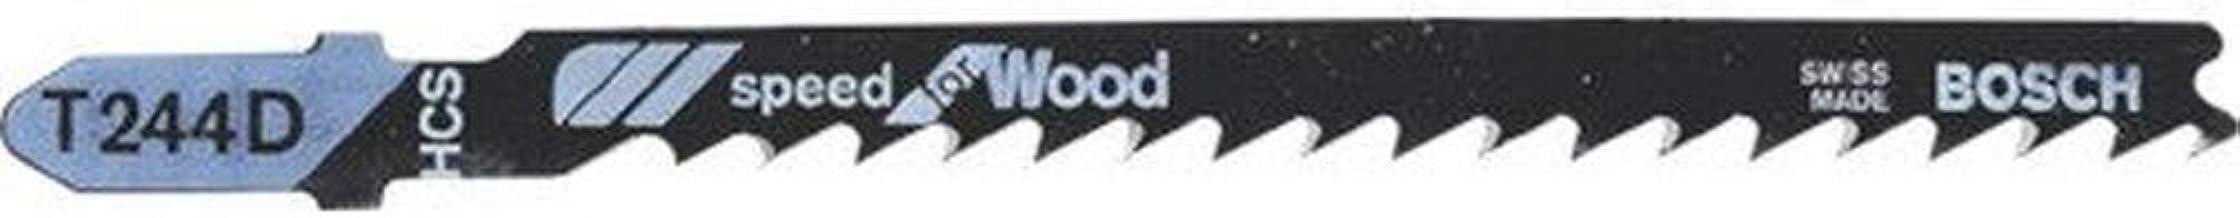 Bosch Professional 5 x decoupeerzaagblad T 244 D Speed for Wood (voor Zachthout, gebogen snede, accessoires Decoupeerzaag)